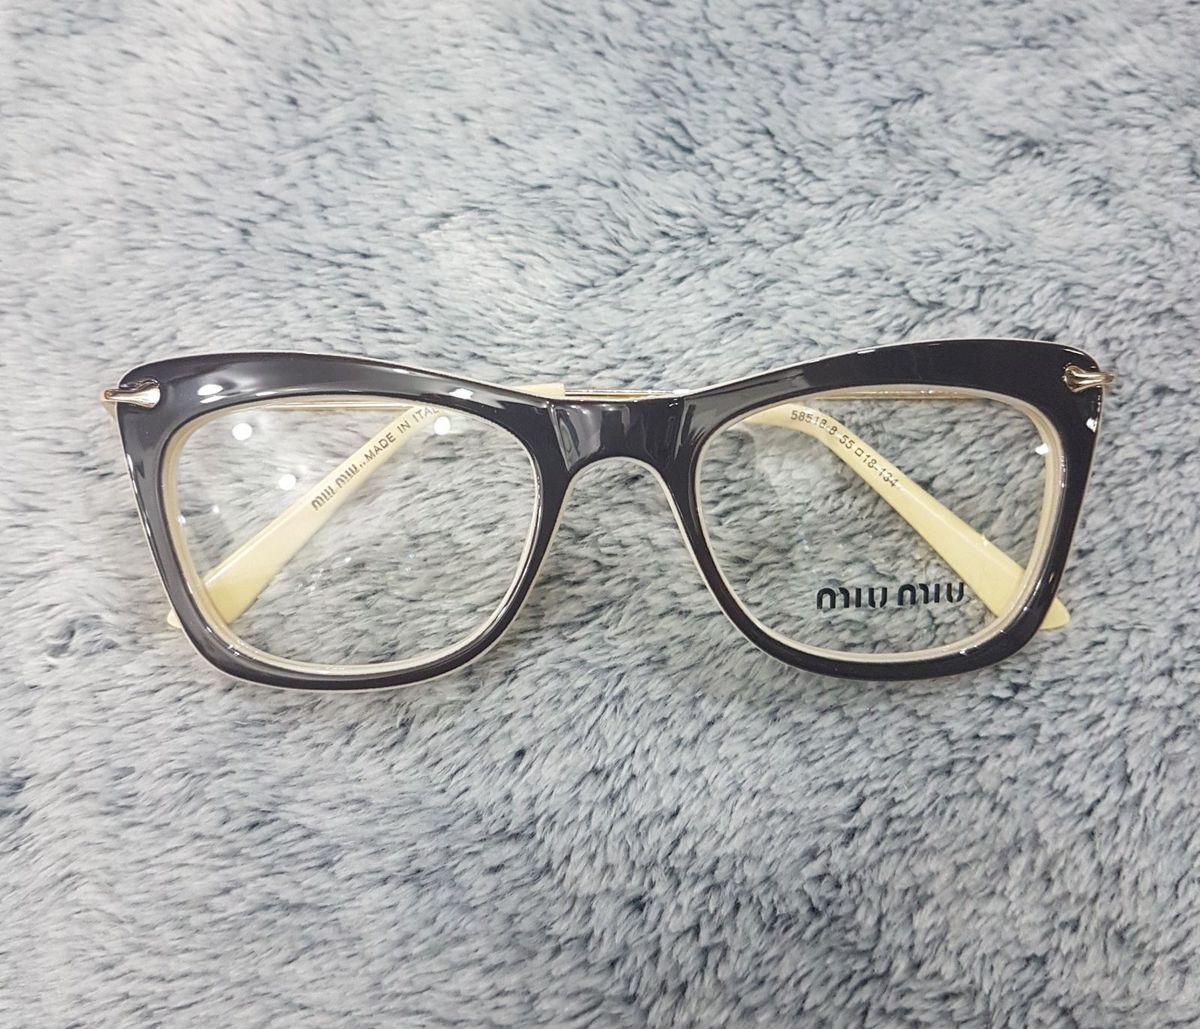 armação para lente de grau - óculos miu miu.  Czm6ly9wag90b3muzw5qb2vplmnvbs5ici9wcm9kdwn0cy84njgwndazlzgzntu1yzvmndzhzmi5zdrkyjhkmgqzmzc1yjjimjm4lmpwzw  ... 66c6e34cc1